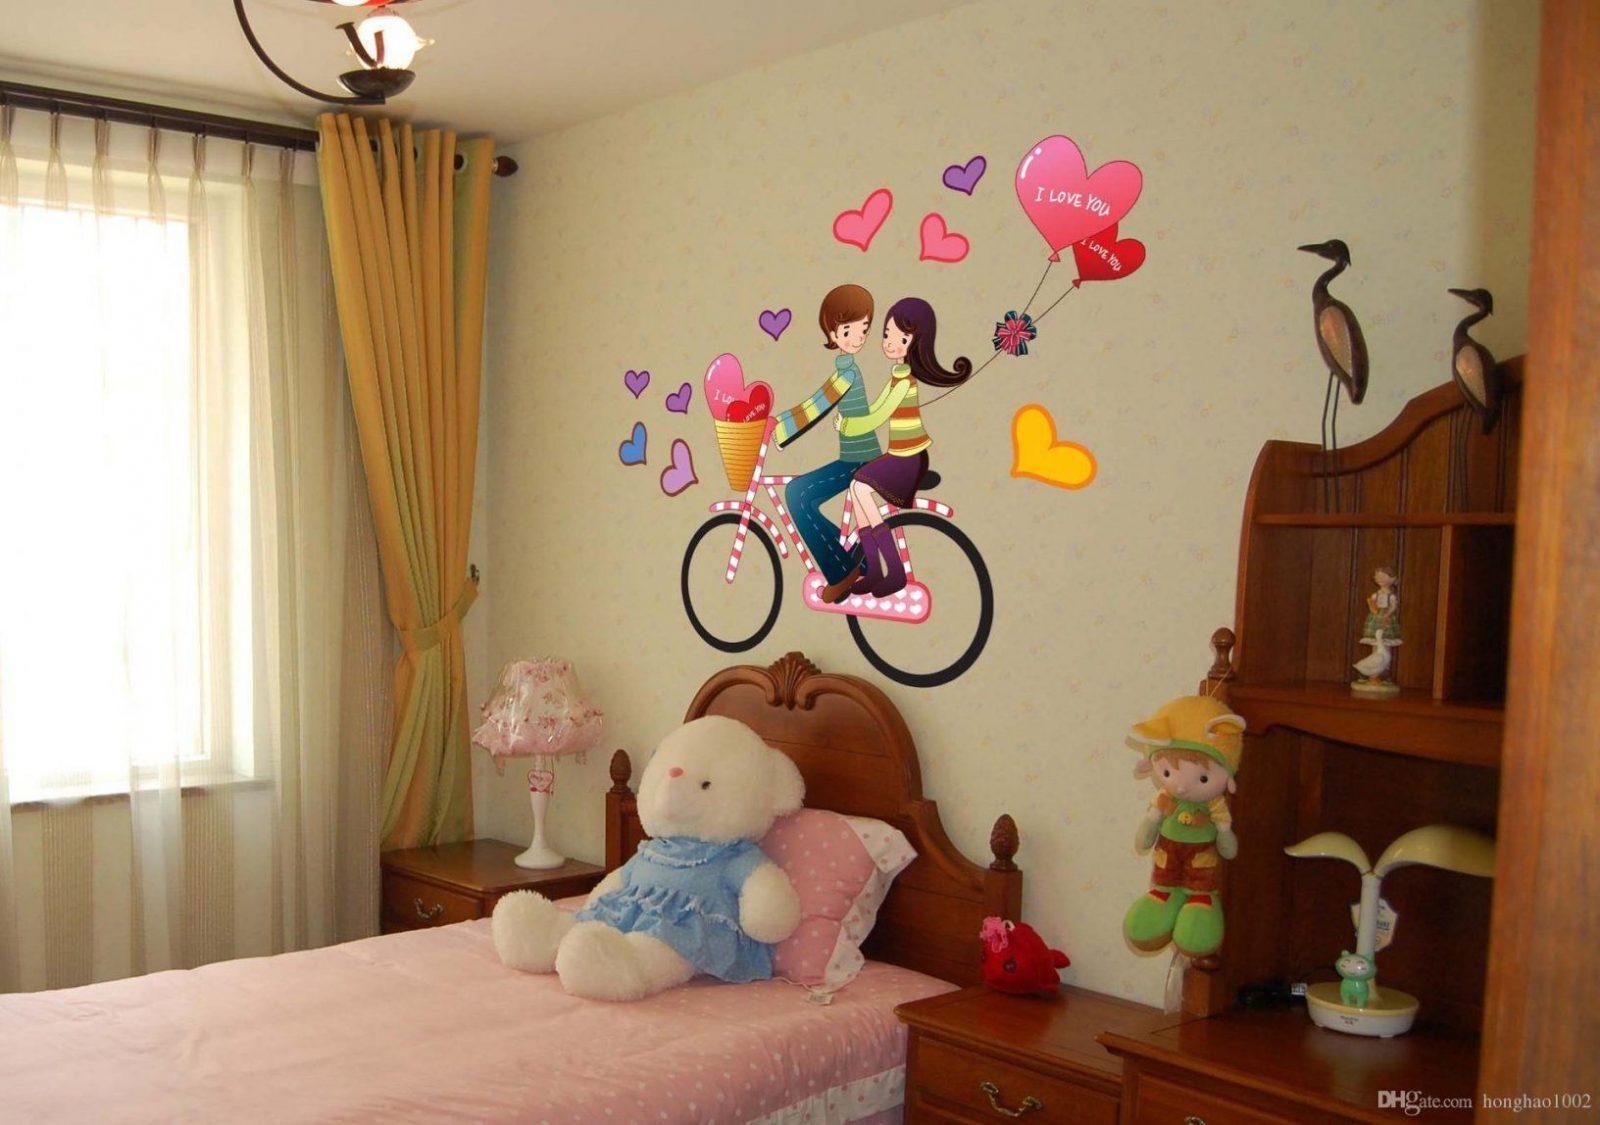 Großhandel Wand Aufkleber Romantische Paar Fahrrad Reise Dekoration von Aufkleber Für Die Wand Bild